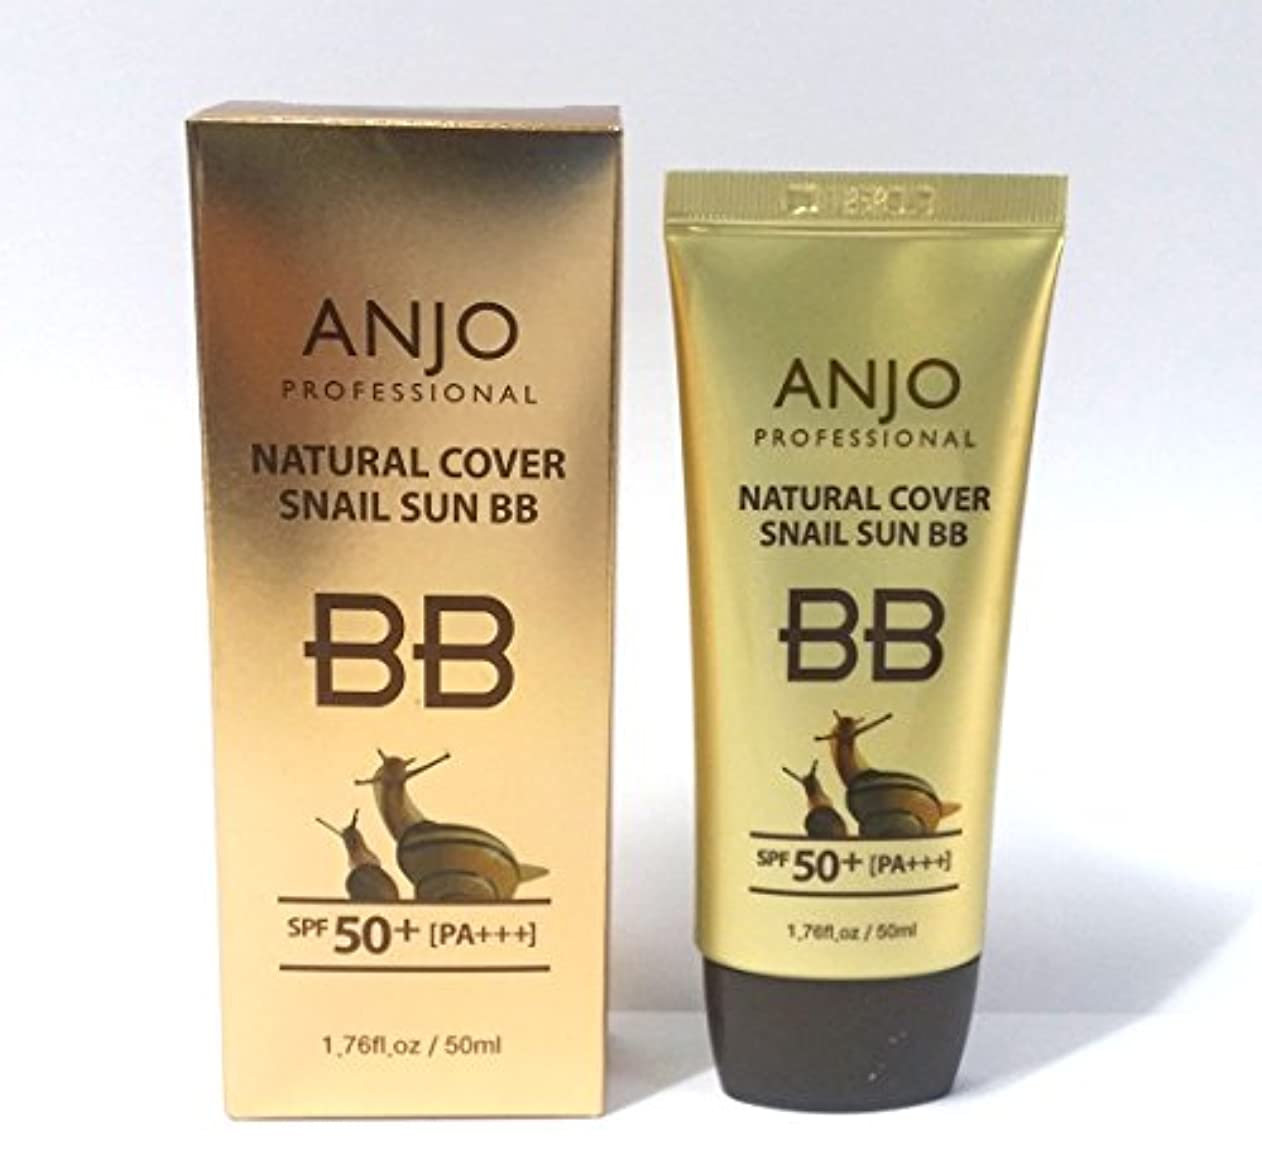 傷跡コンパイル前文[ANJO] ナチュラルカバーカタツムリサンBBクリームSPF 50 + PA +++ 50ml X 3EA /メイクアップベース/カタツムリ粘液 / Natural Cover Snail Sun BB Cream SPF...